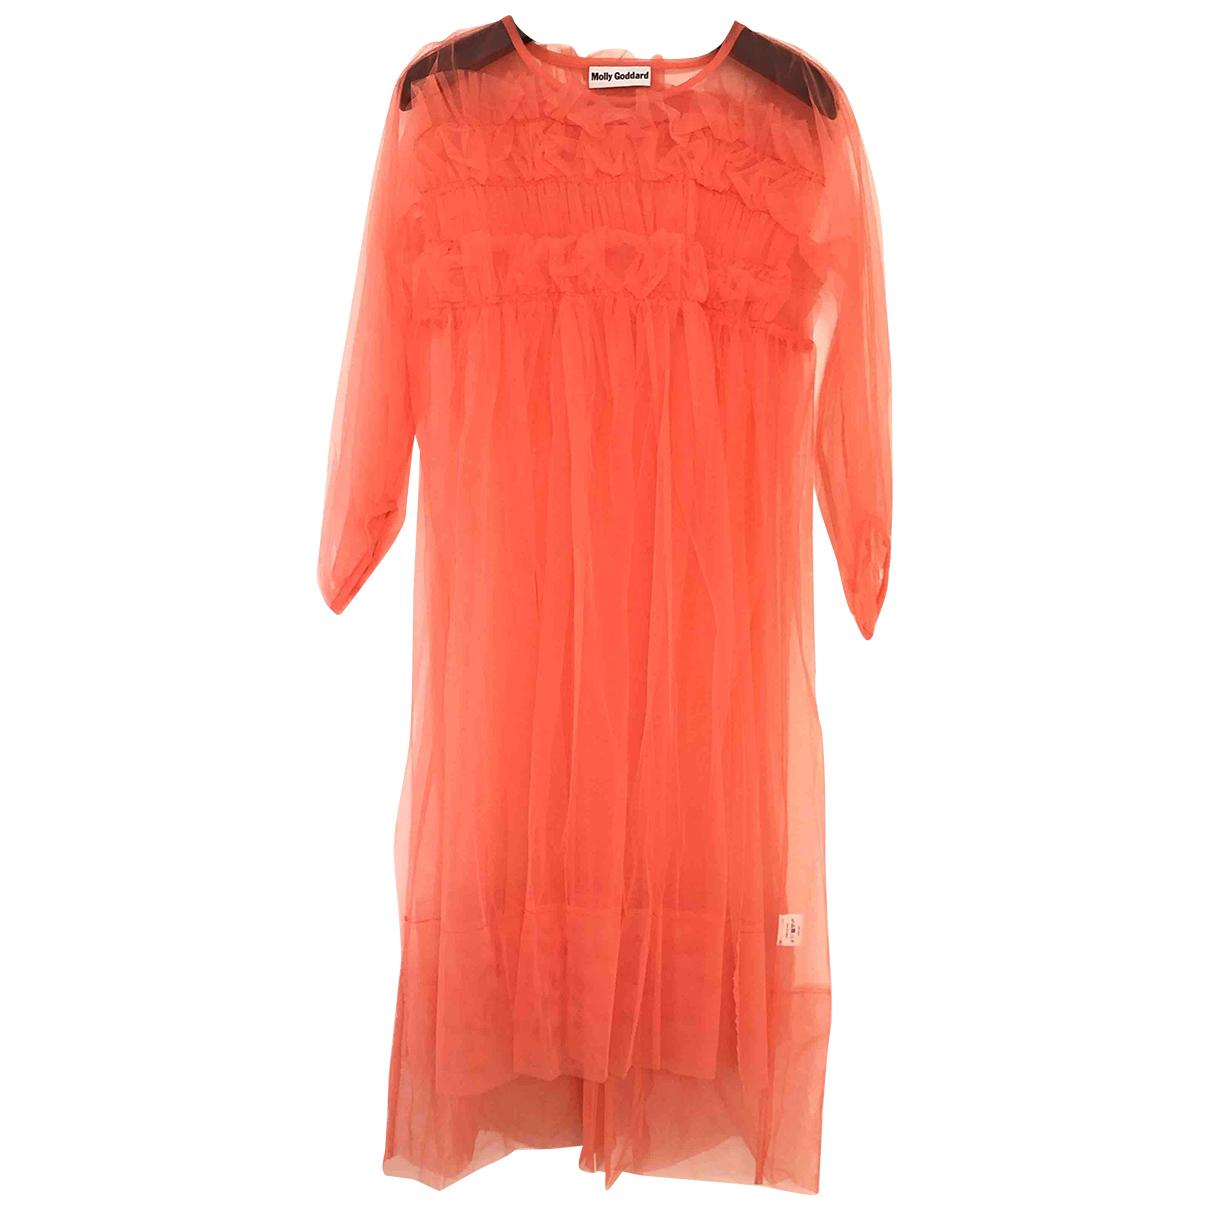 Molly Goddard \N Kleid in  Rosa Polyester